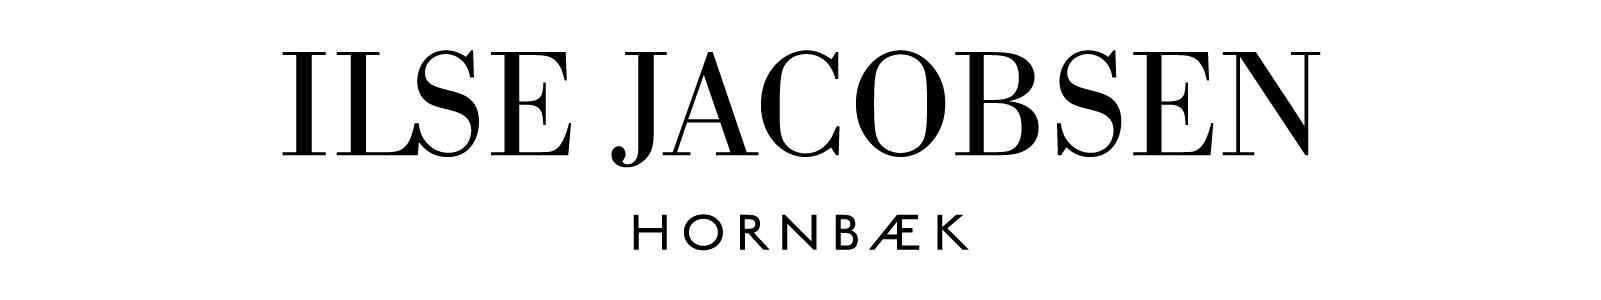 <h1>Liste over varer fra leverandøren Ilse Jacobsen</h1>